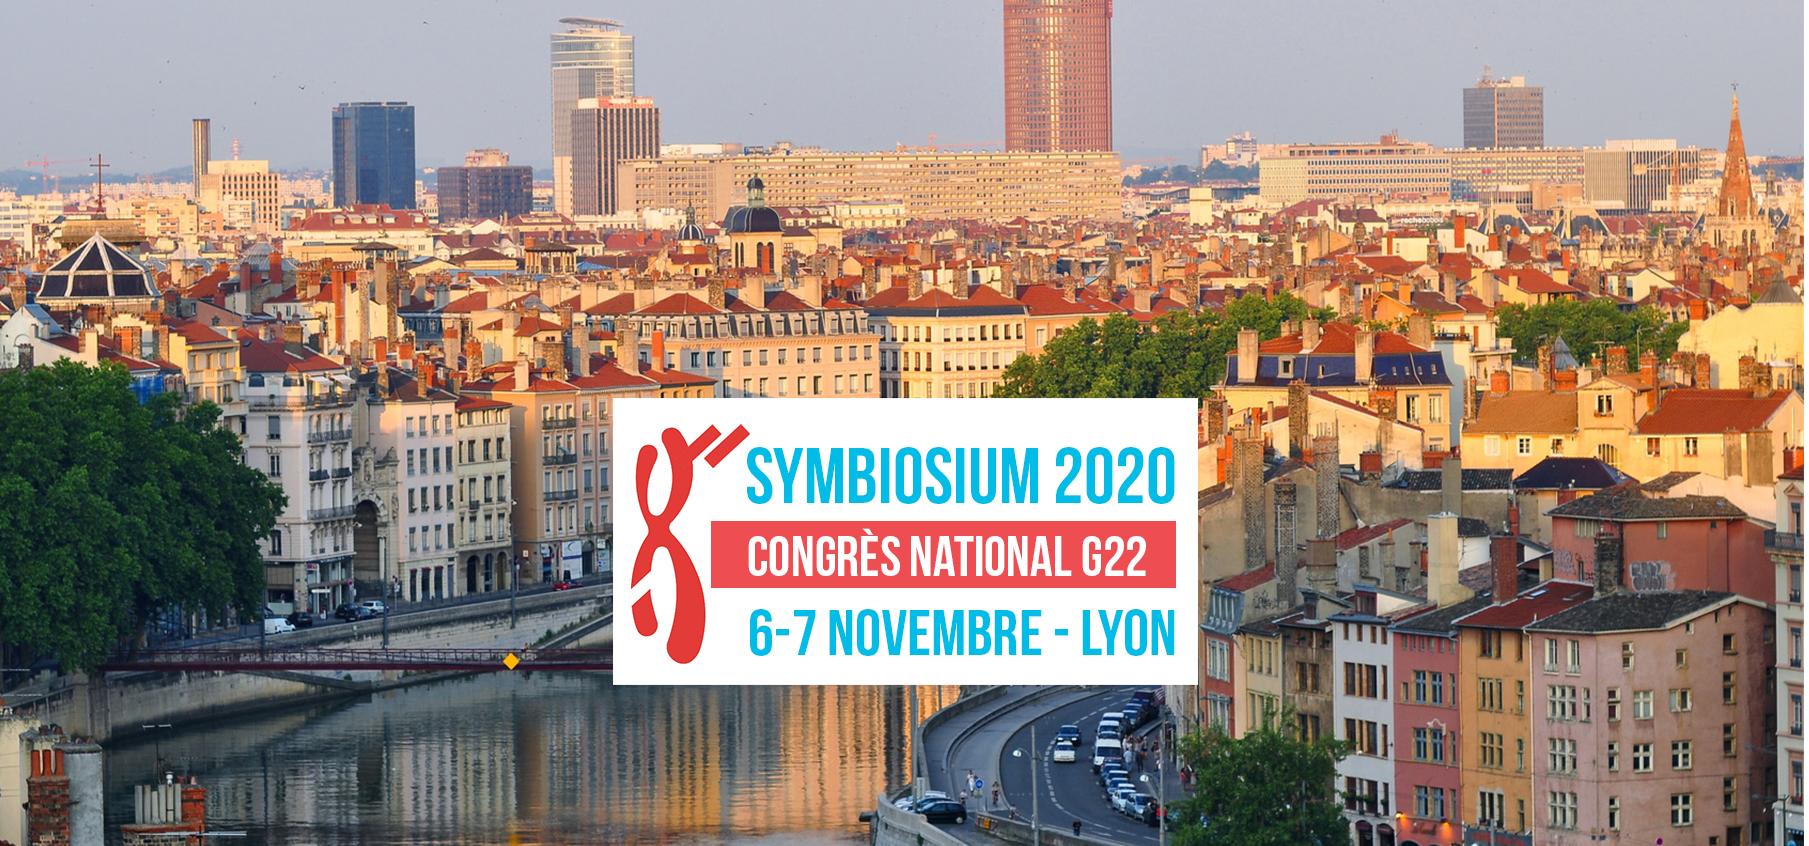 Symbiosium2020